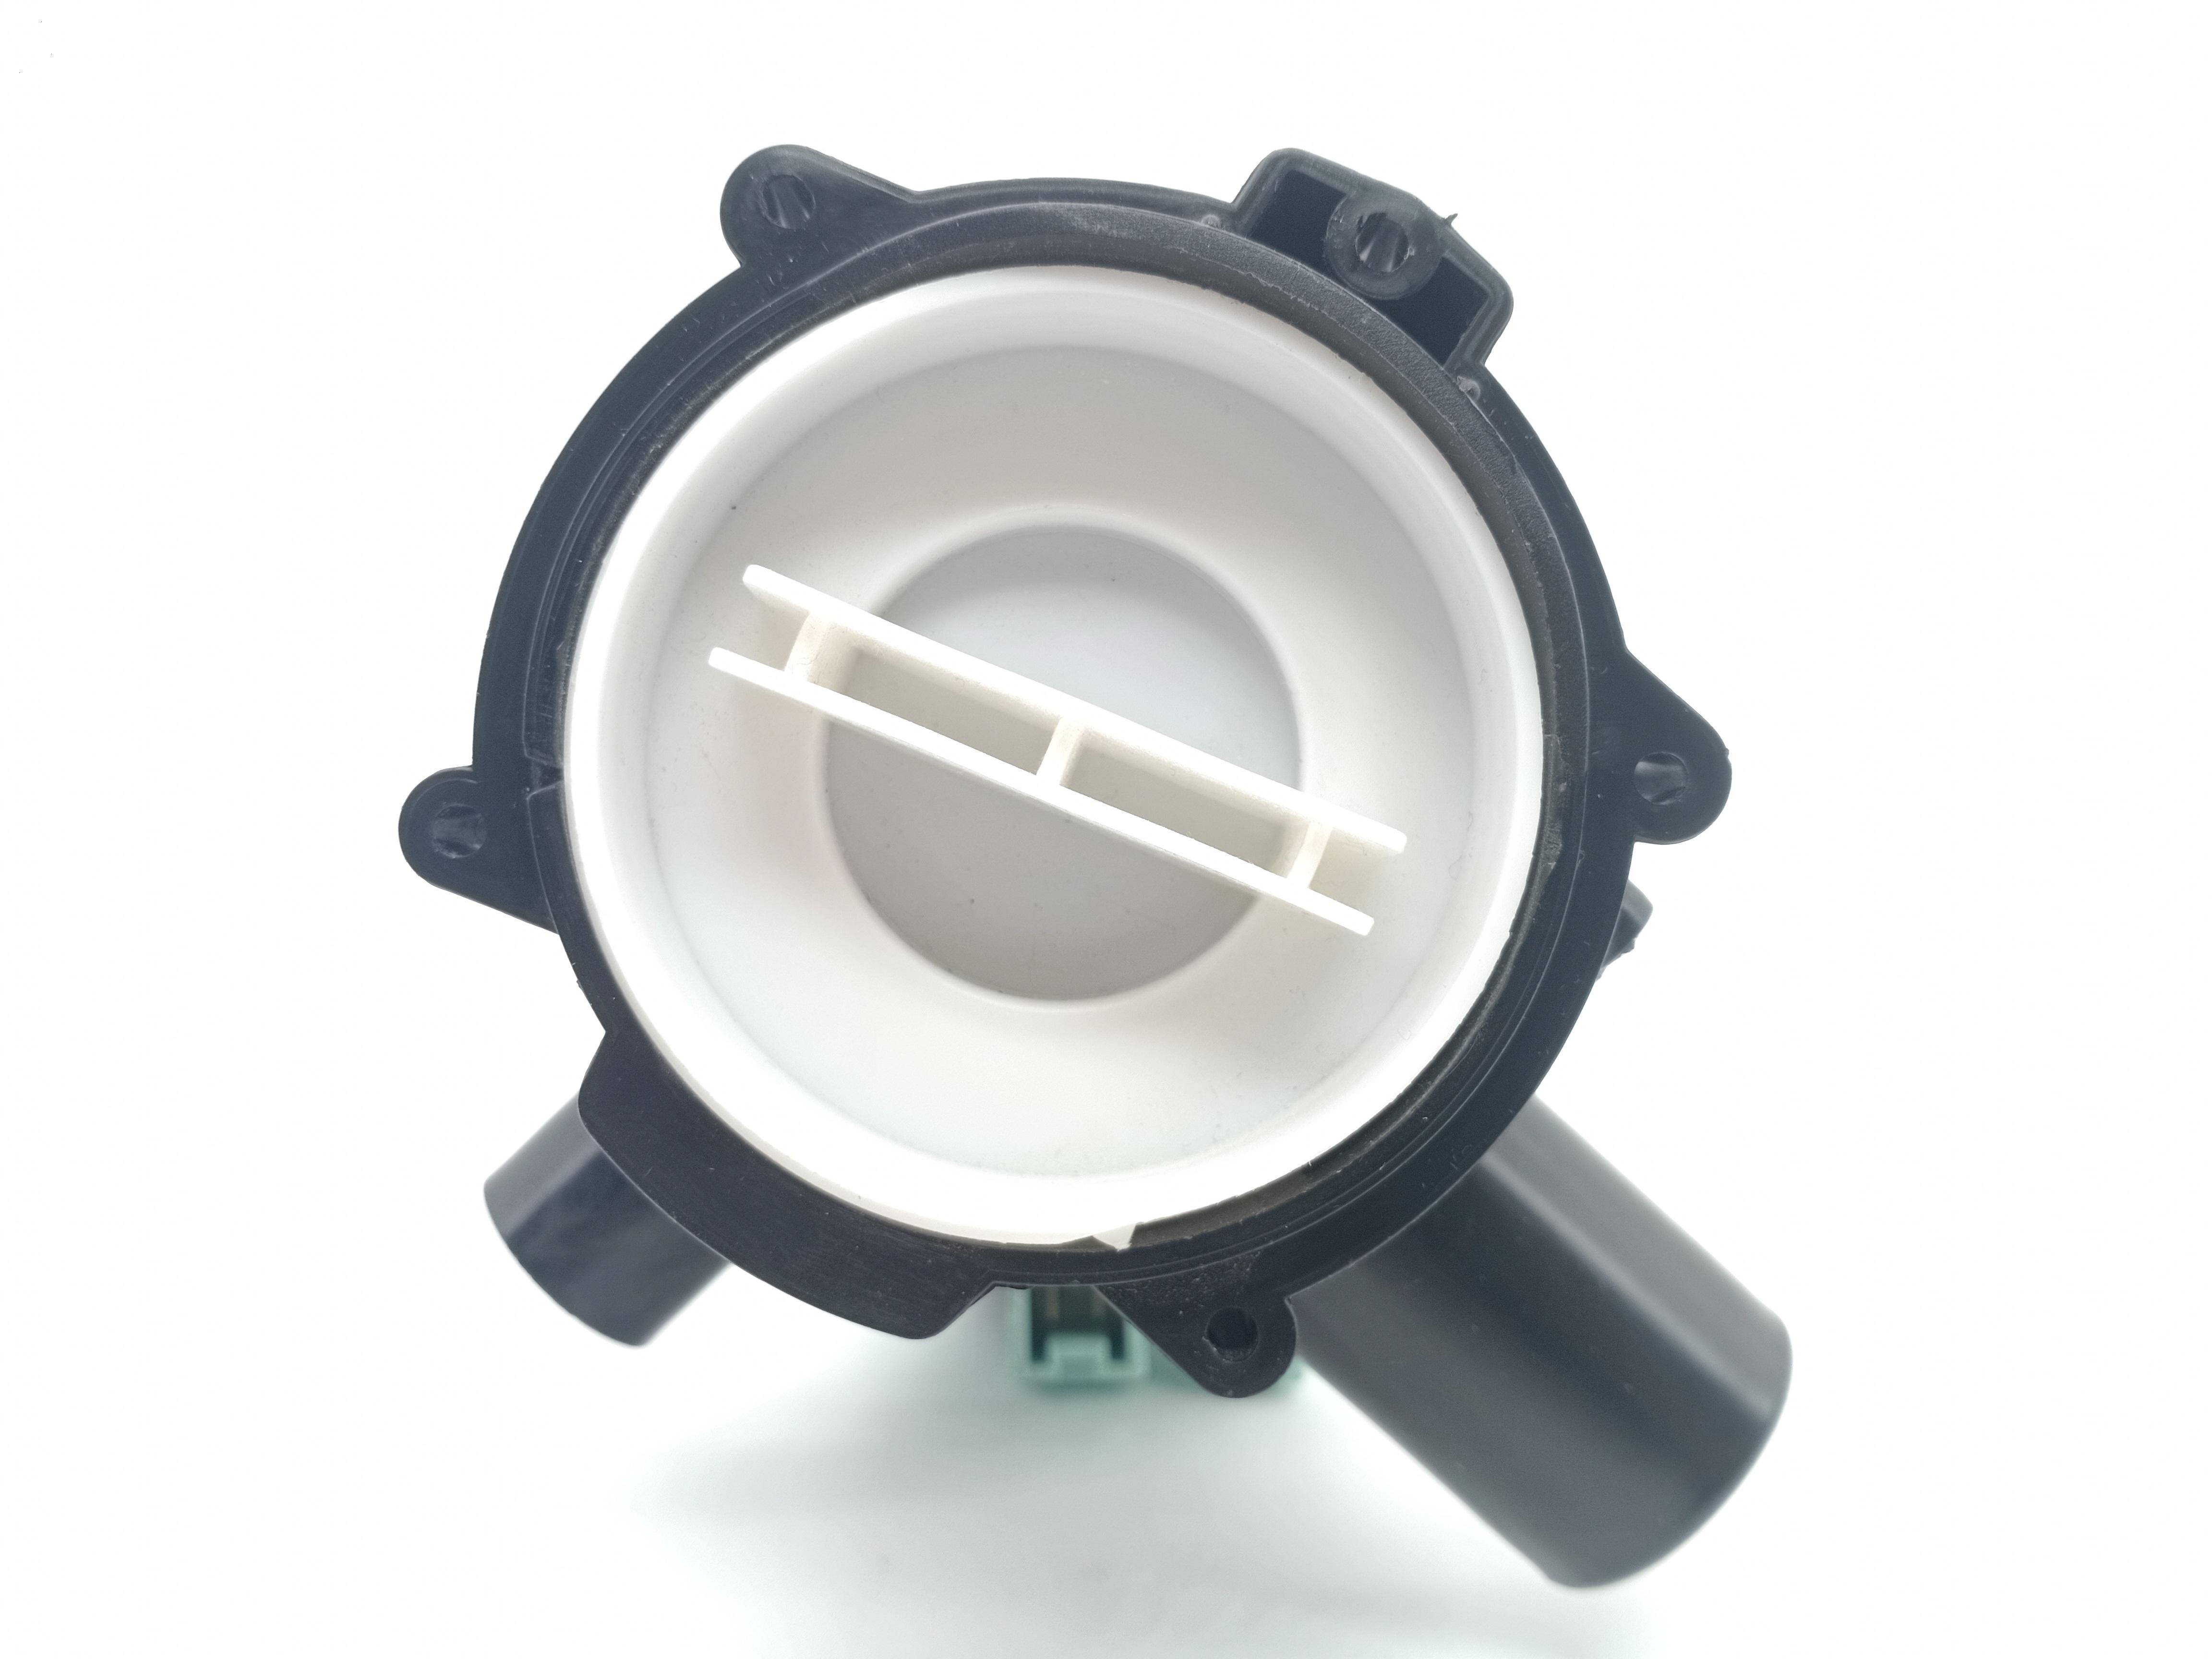 220 В AC универсальный дренажный насос для стиральной машины Askoll водяной дренажный насос для продажи